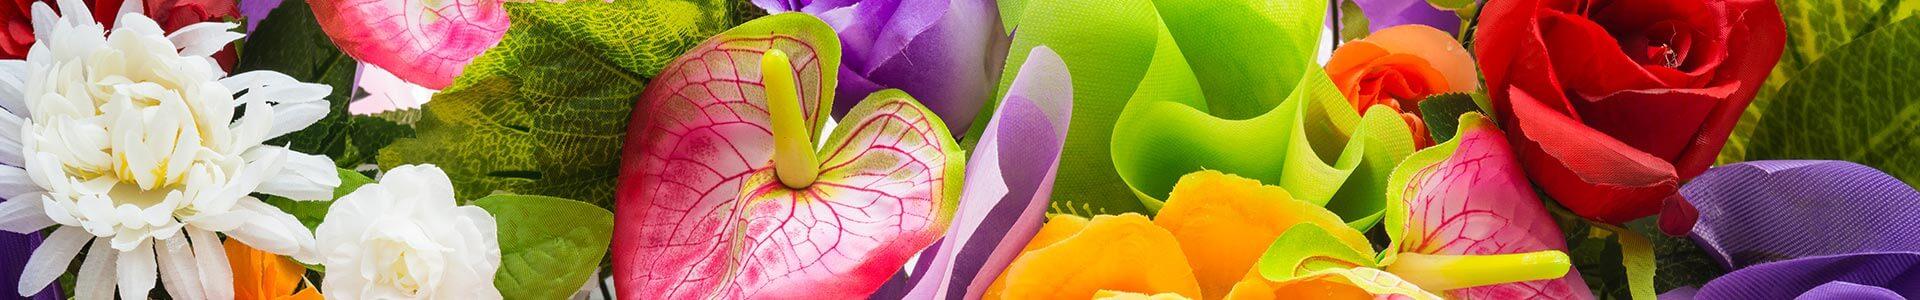 fleurs coupées